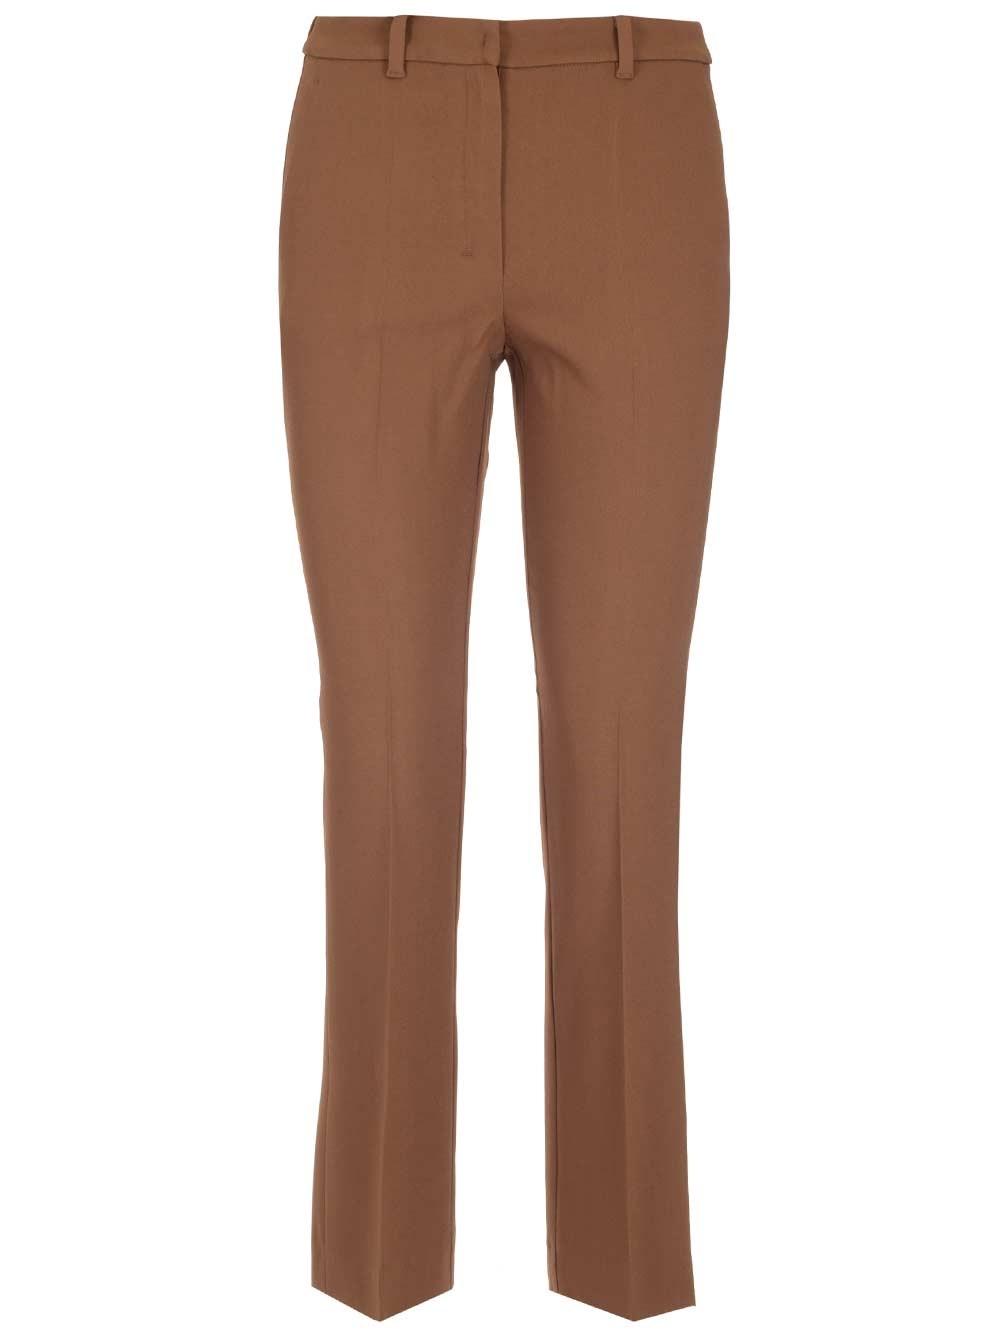 'S MAX MARA Stretch Viscose Sartorial Trousers